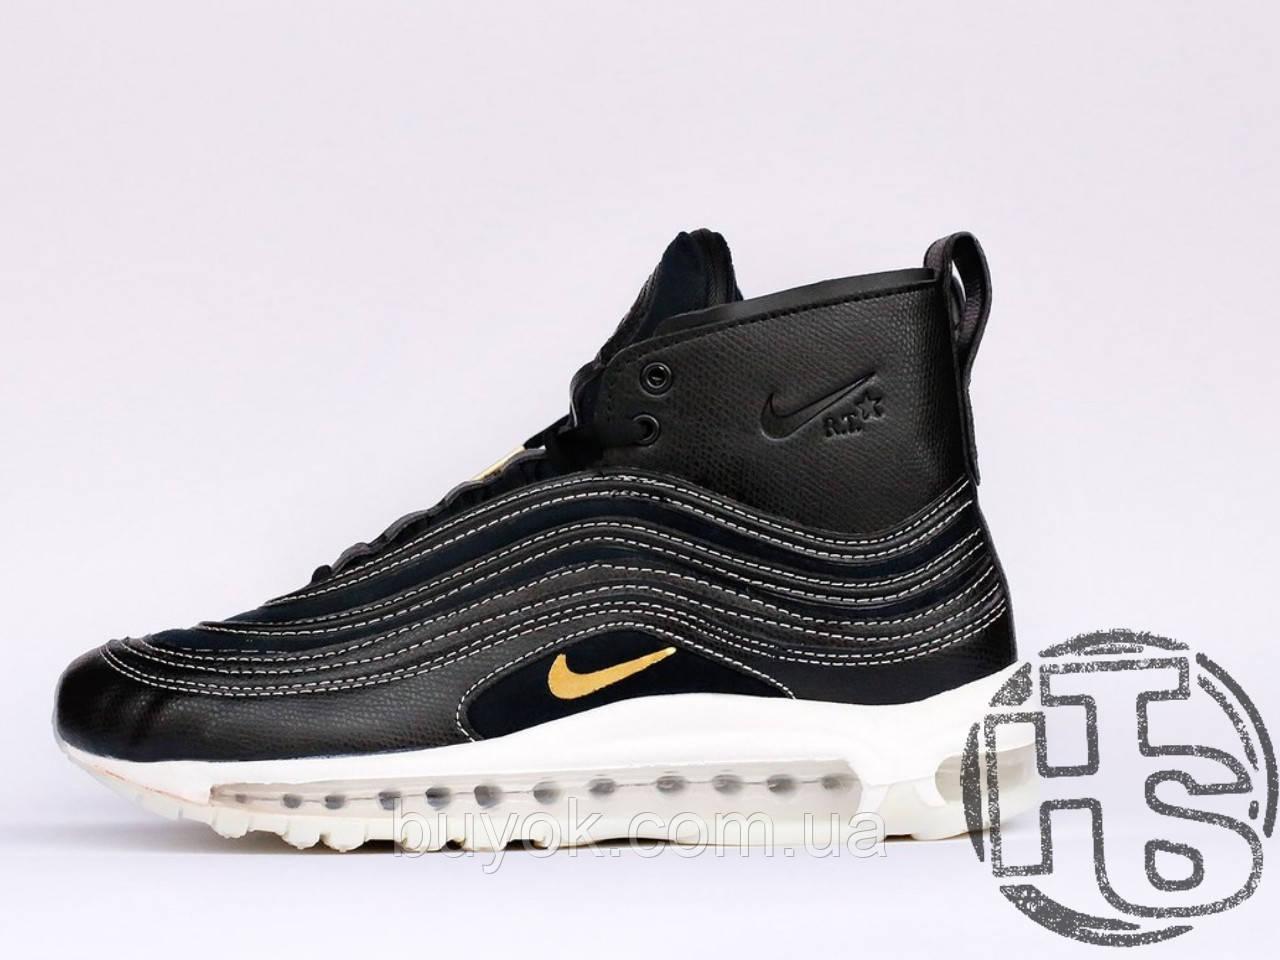 Чоловічі кросівки Nike Air Max 97 Mid x RT Riccardo Tisci Black 913314-001